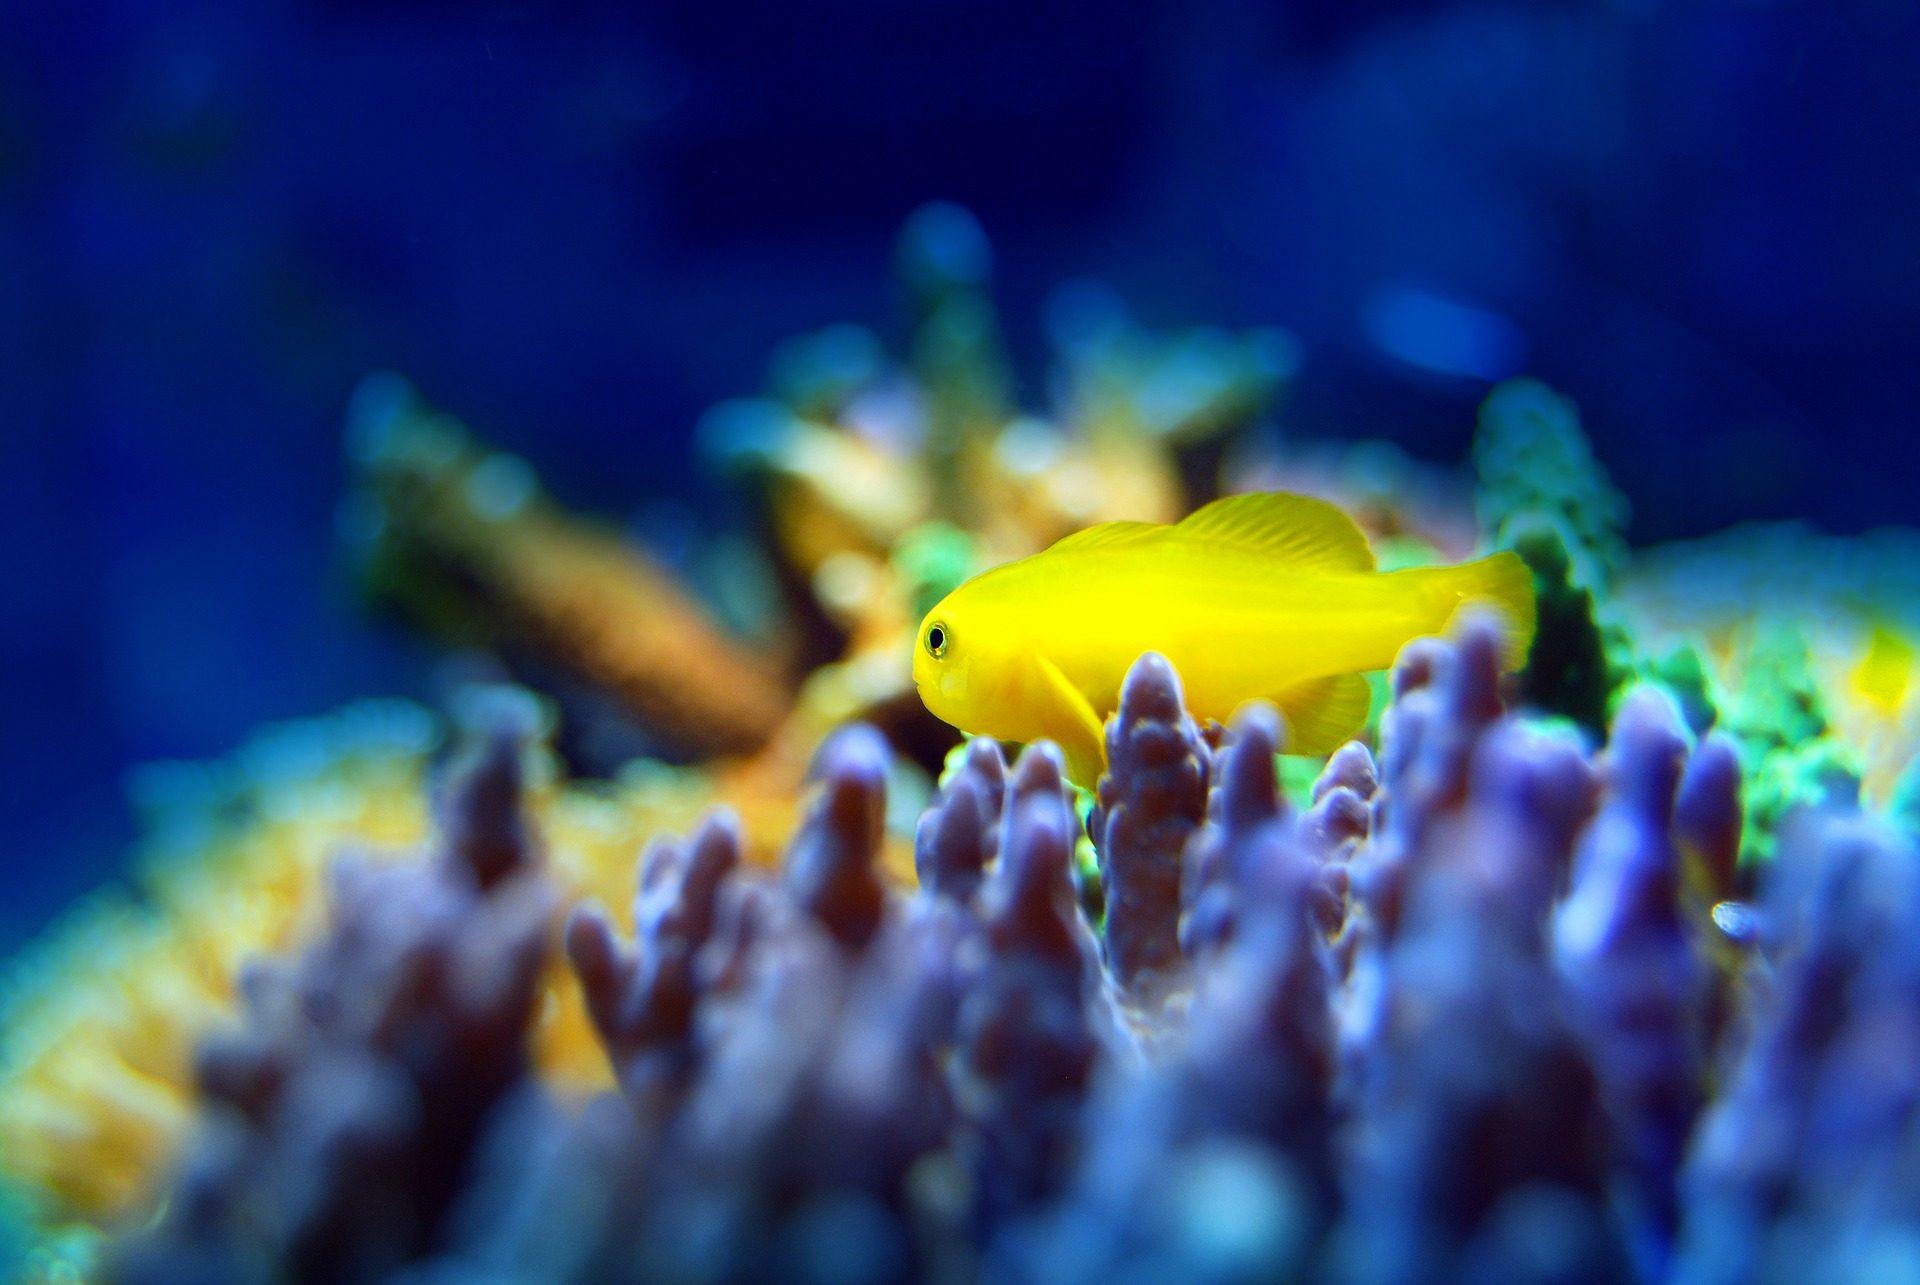 peixe, Coral, Arrecife, colorido, Aquário - Papéis de parede HD - Professor-falken.com